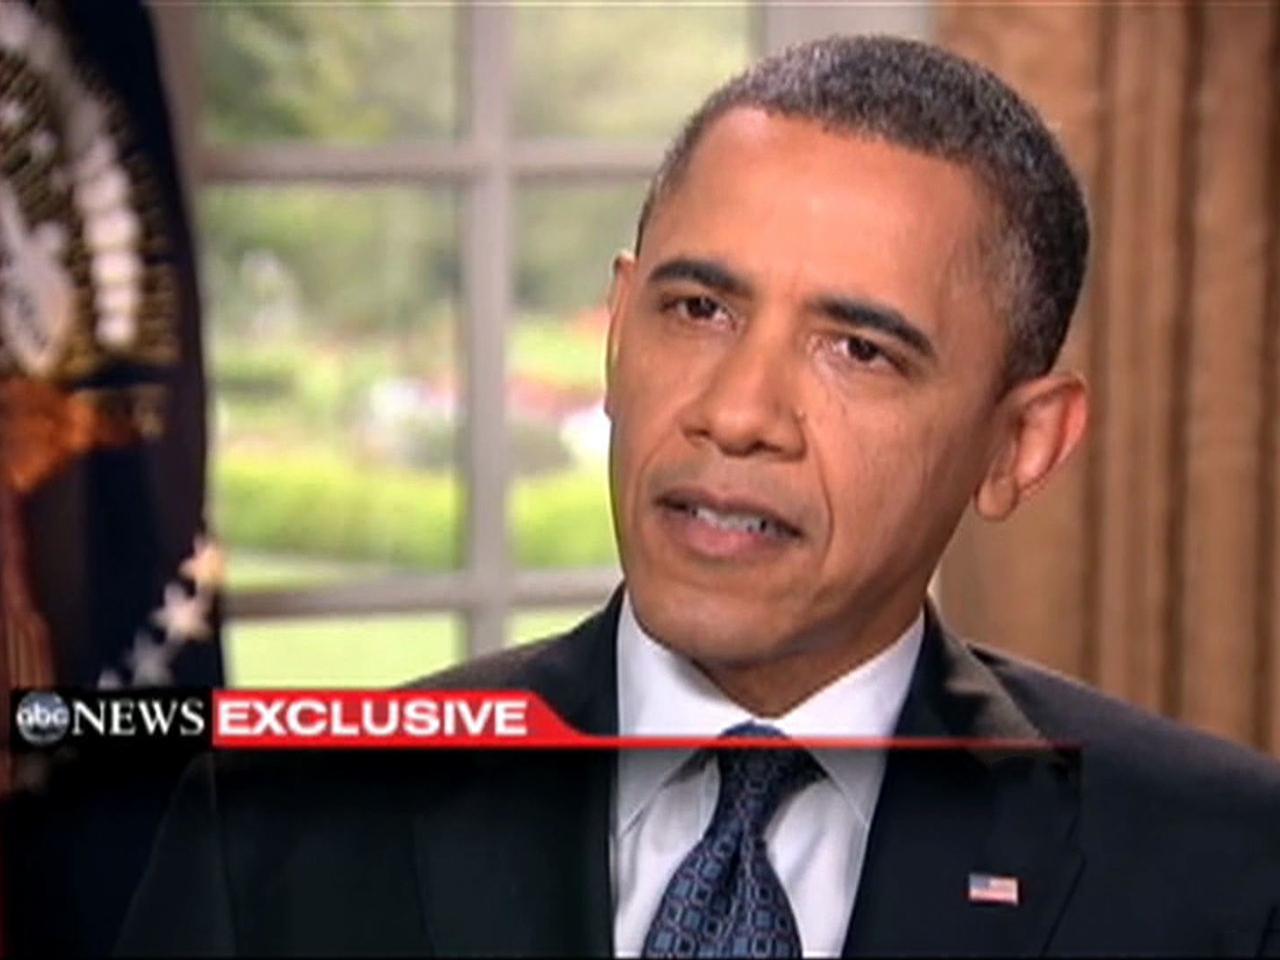 President Obama says Sasha and Malia influenced his stance on same ...